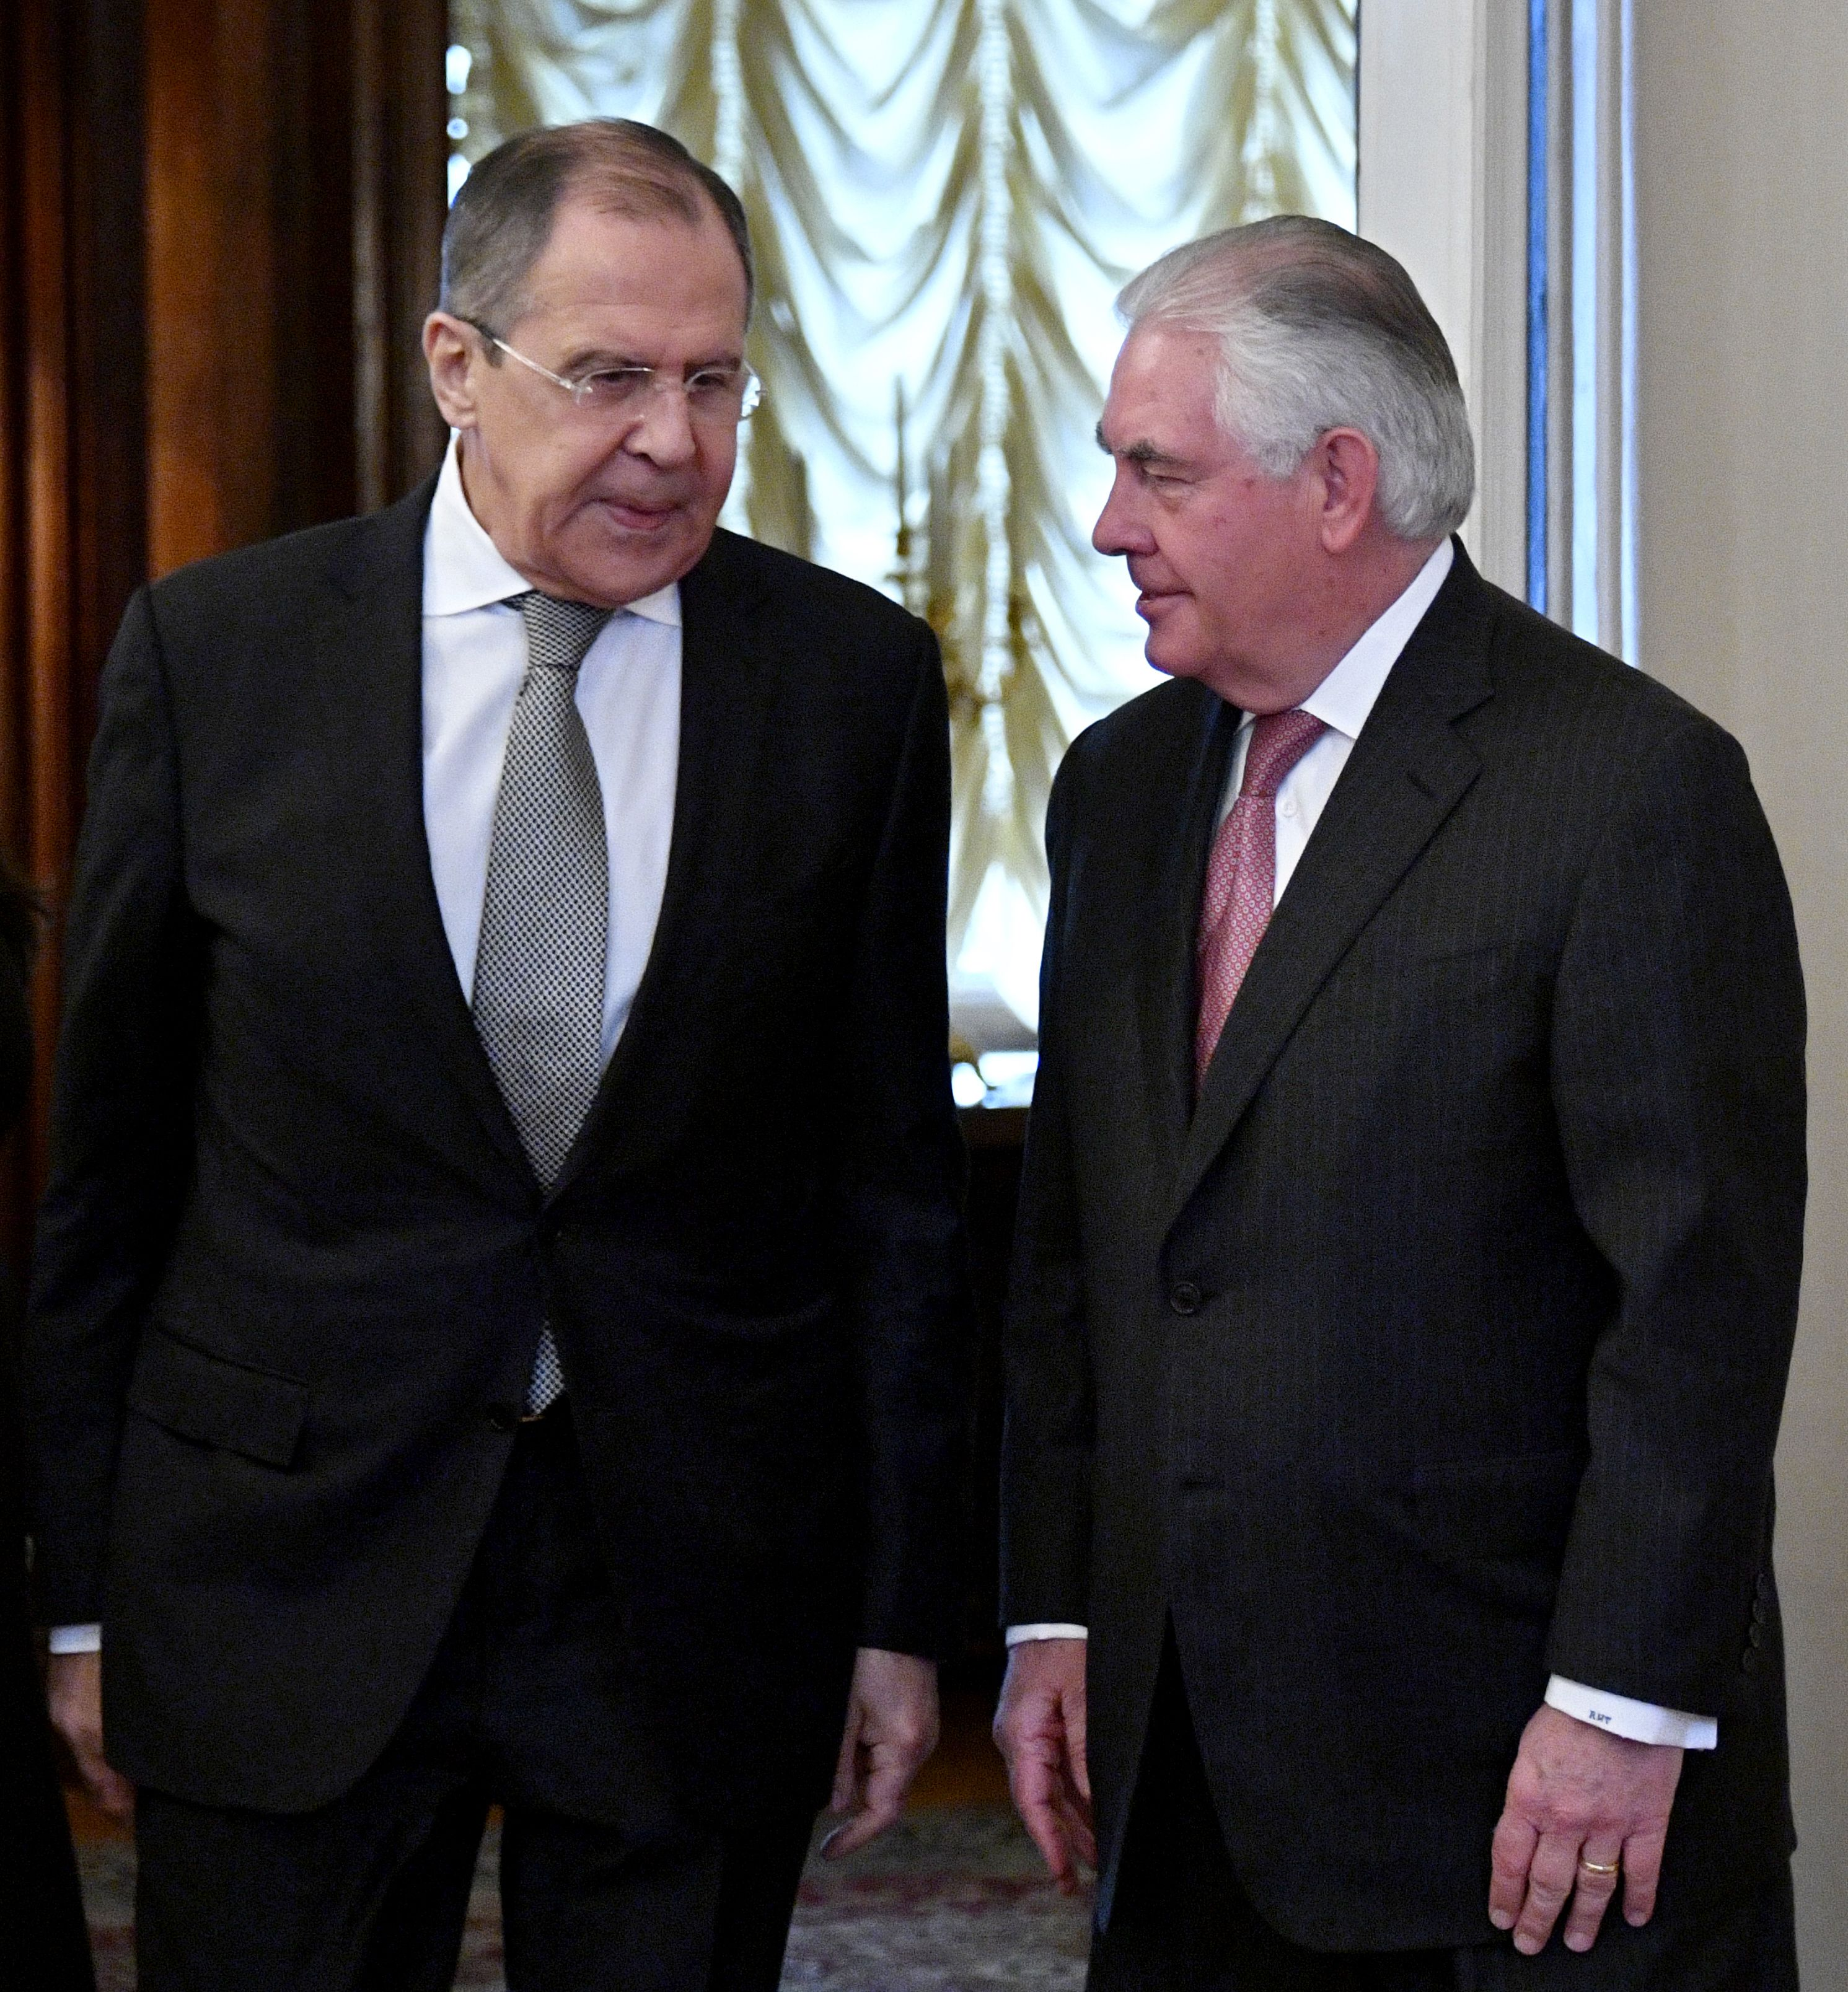 وزيرا خارجية روسيا وأمريكا خلال لقائهما بموسكو